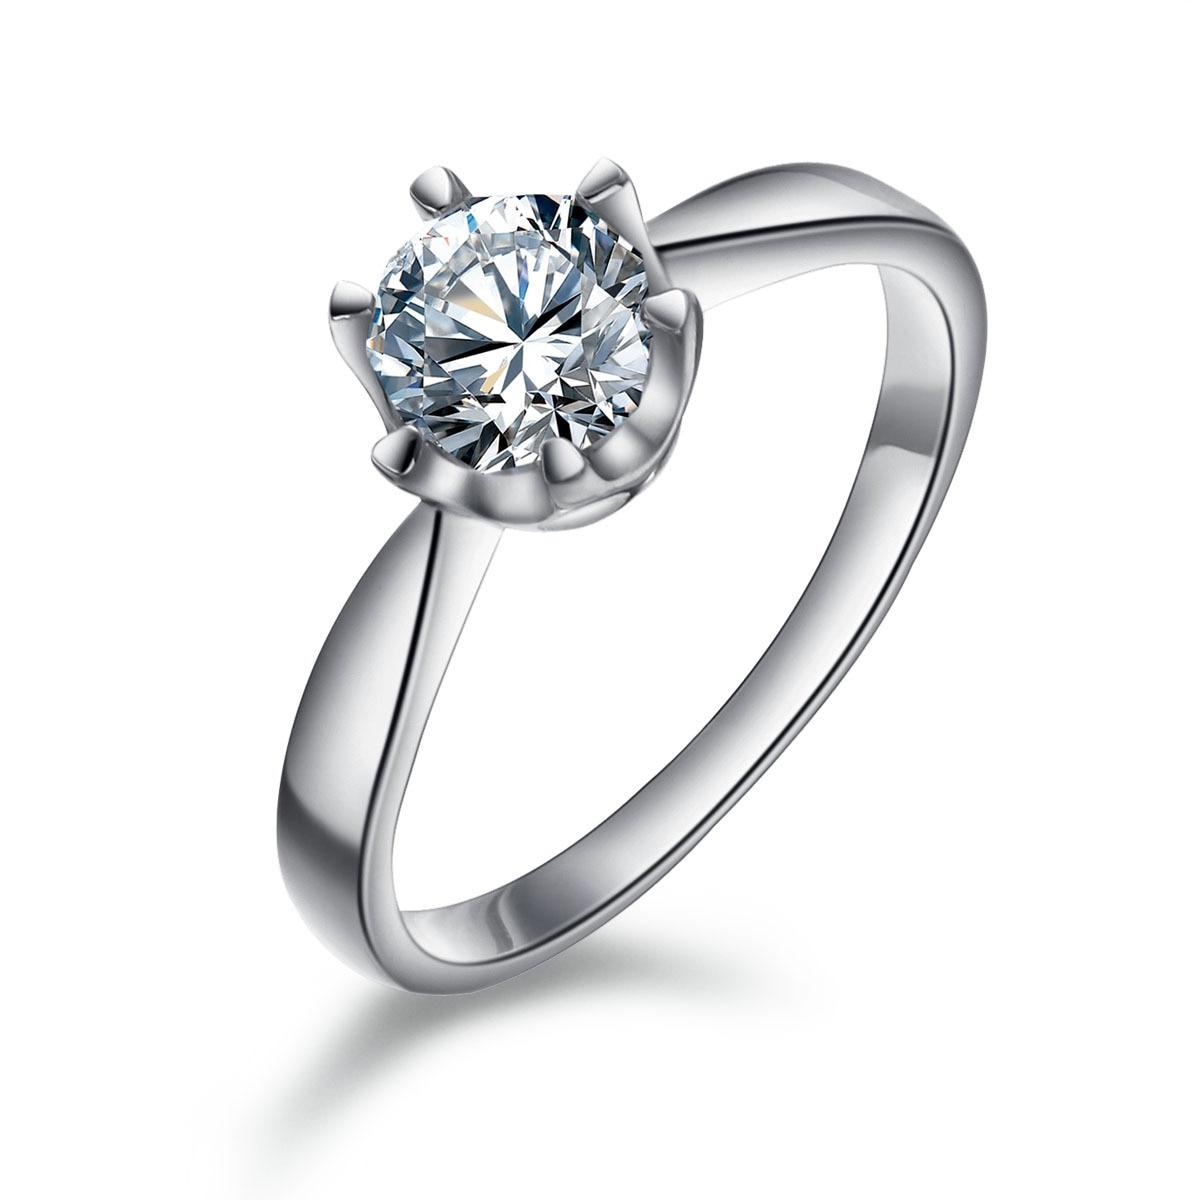 Fingerring  Day gift pink classic Women diamond finger ring diamond ring ...